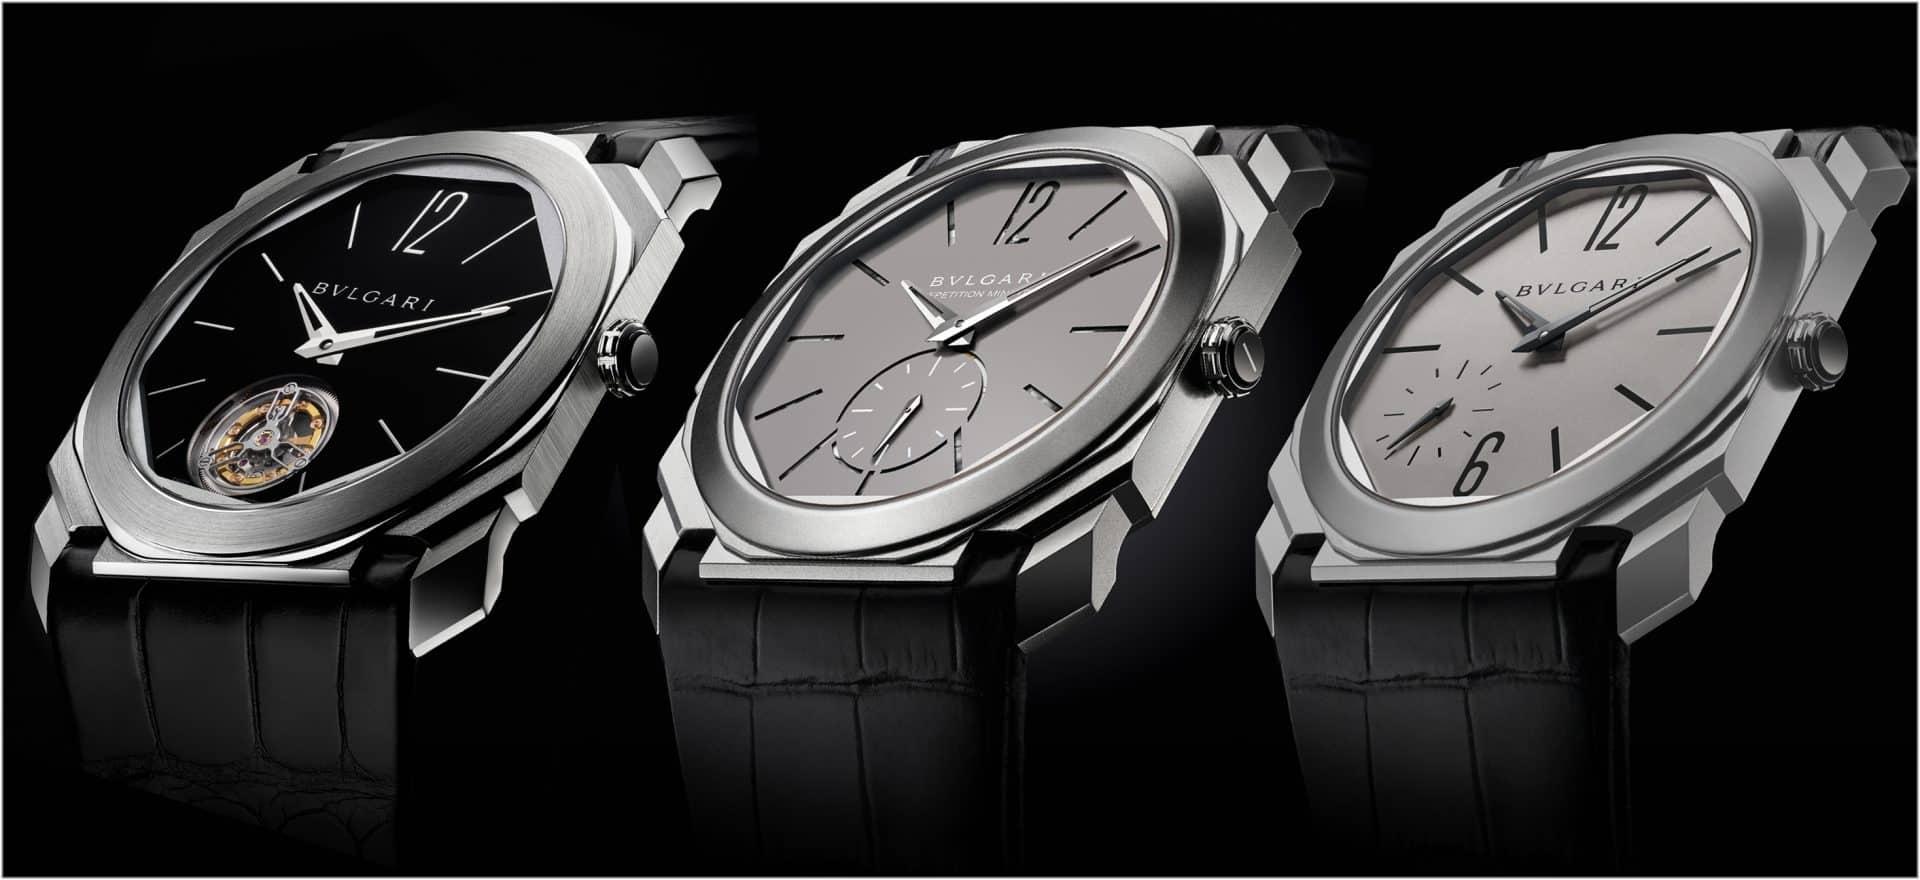 Die drei ersten Octo Finissimo Modelle in Titan, mit Minutenrepetition und mit Tourbillon